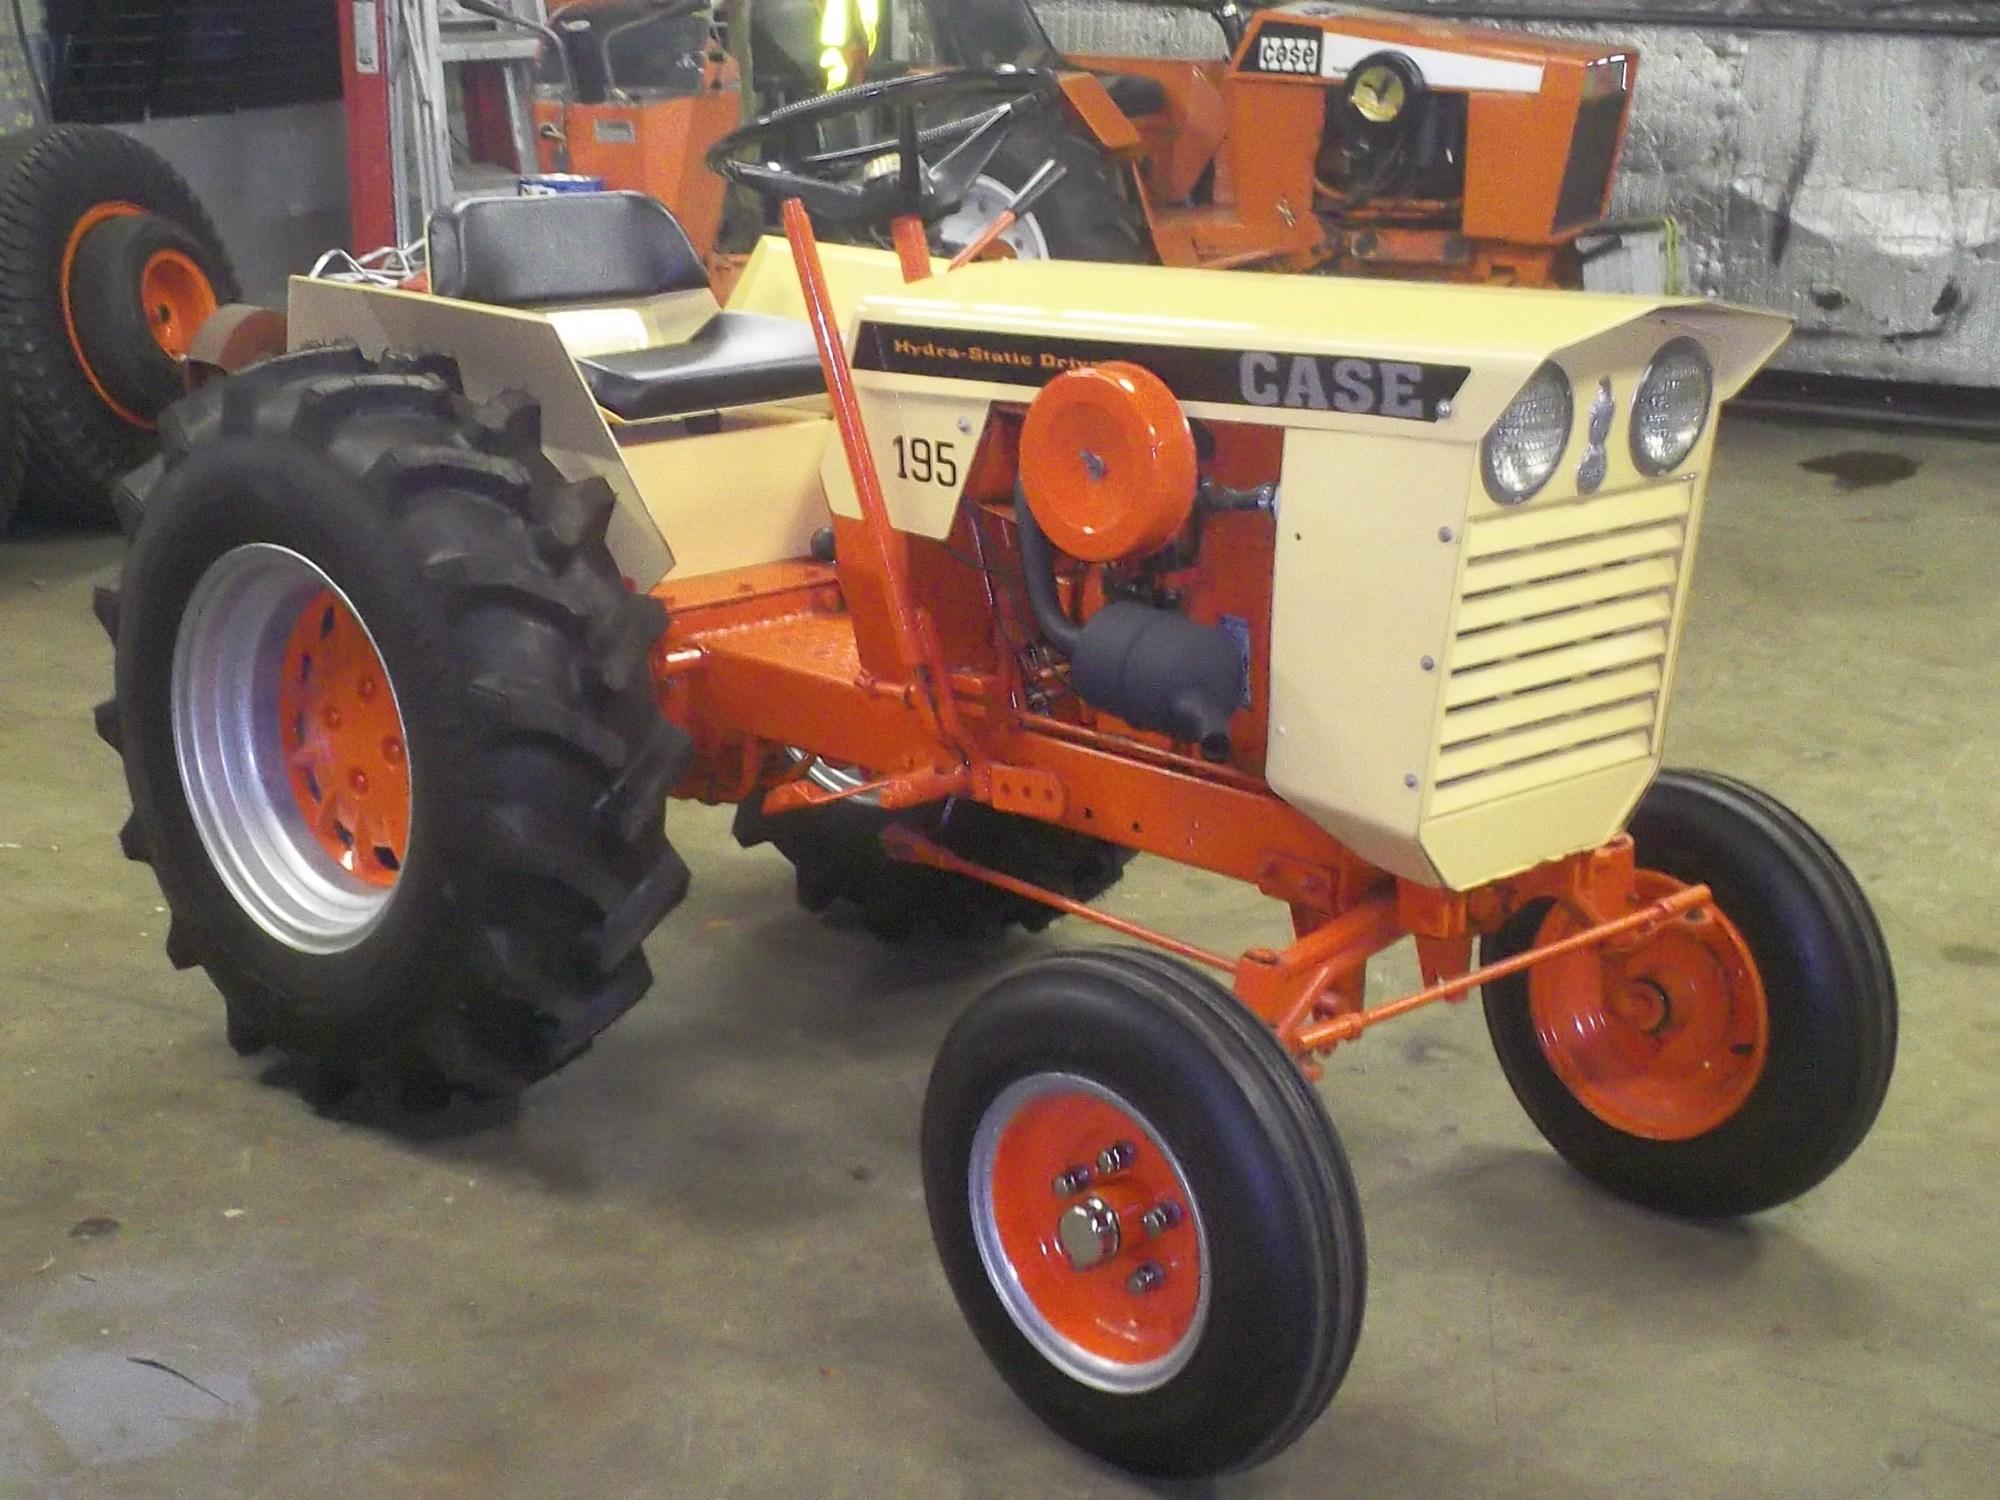 hight resolution of case 444 garden tractor wiring diagram case 444 garden ford 2000 tractor wiring harness ingersoll 4020